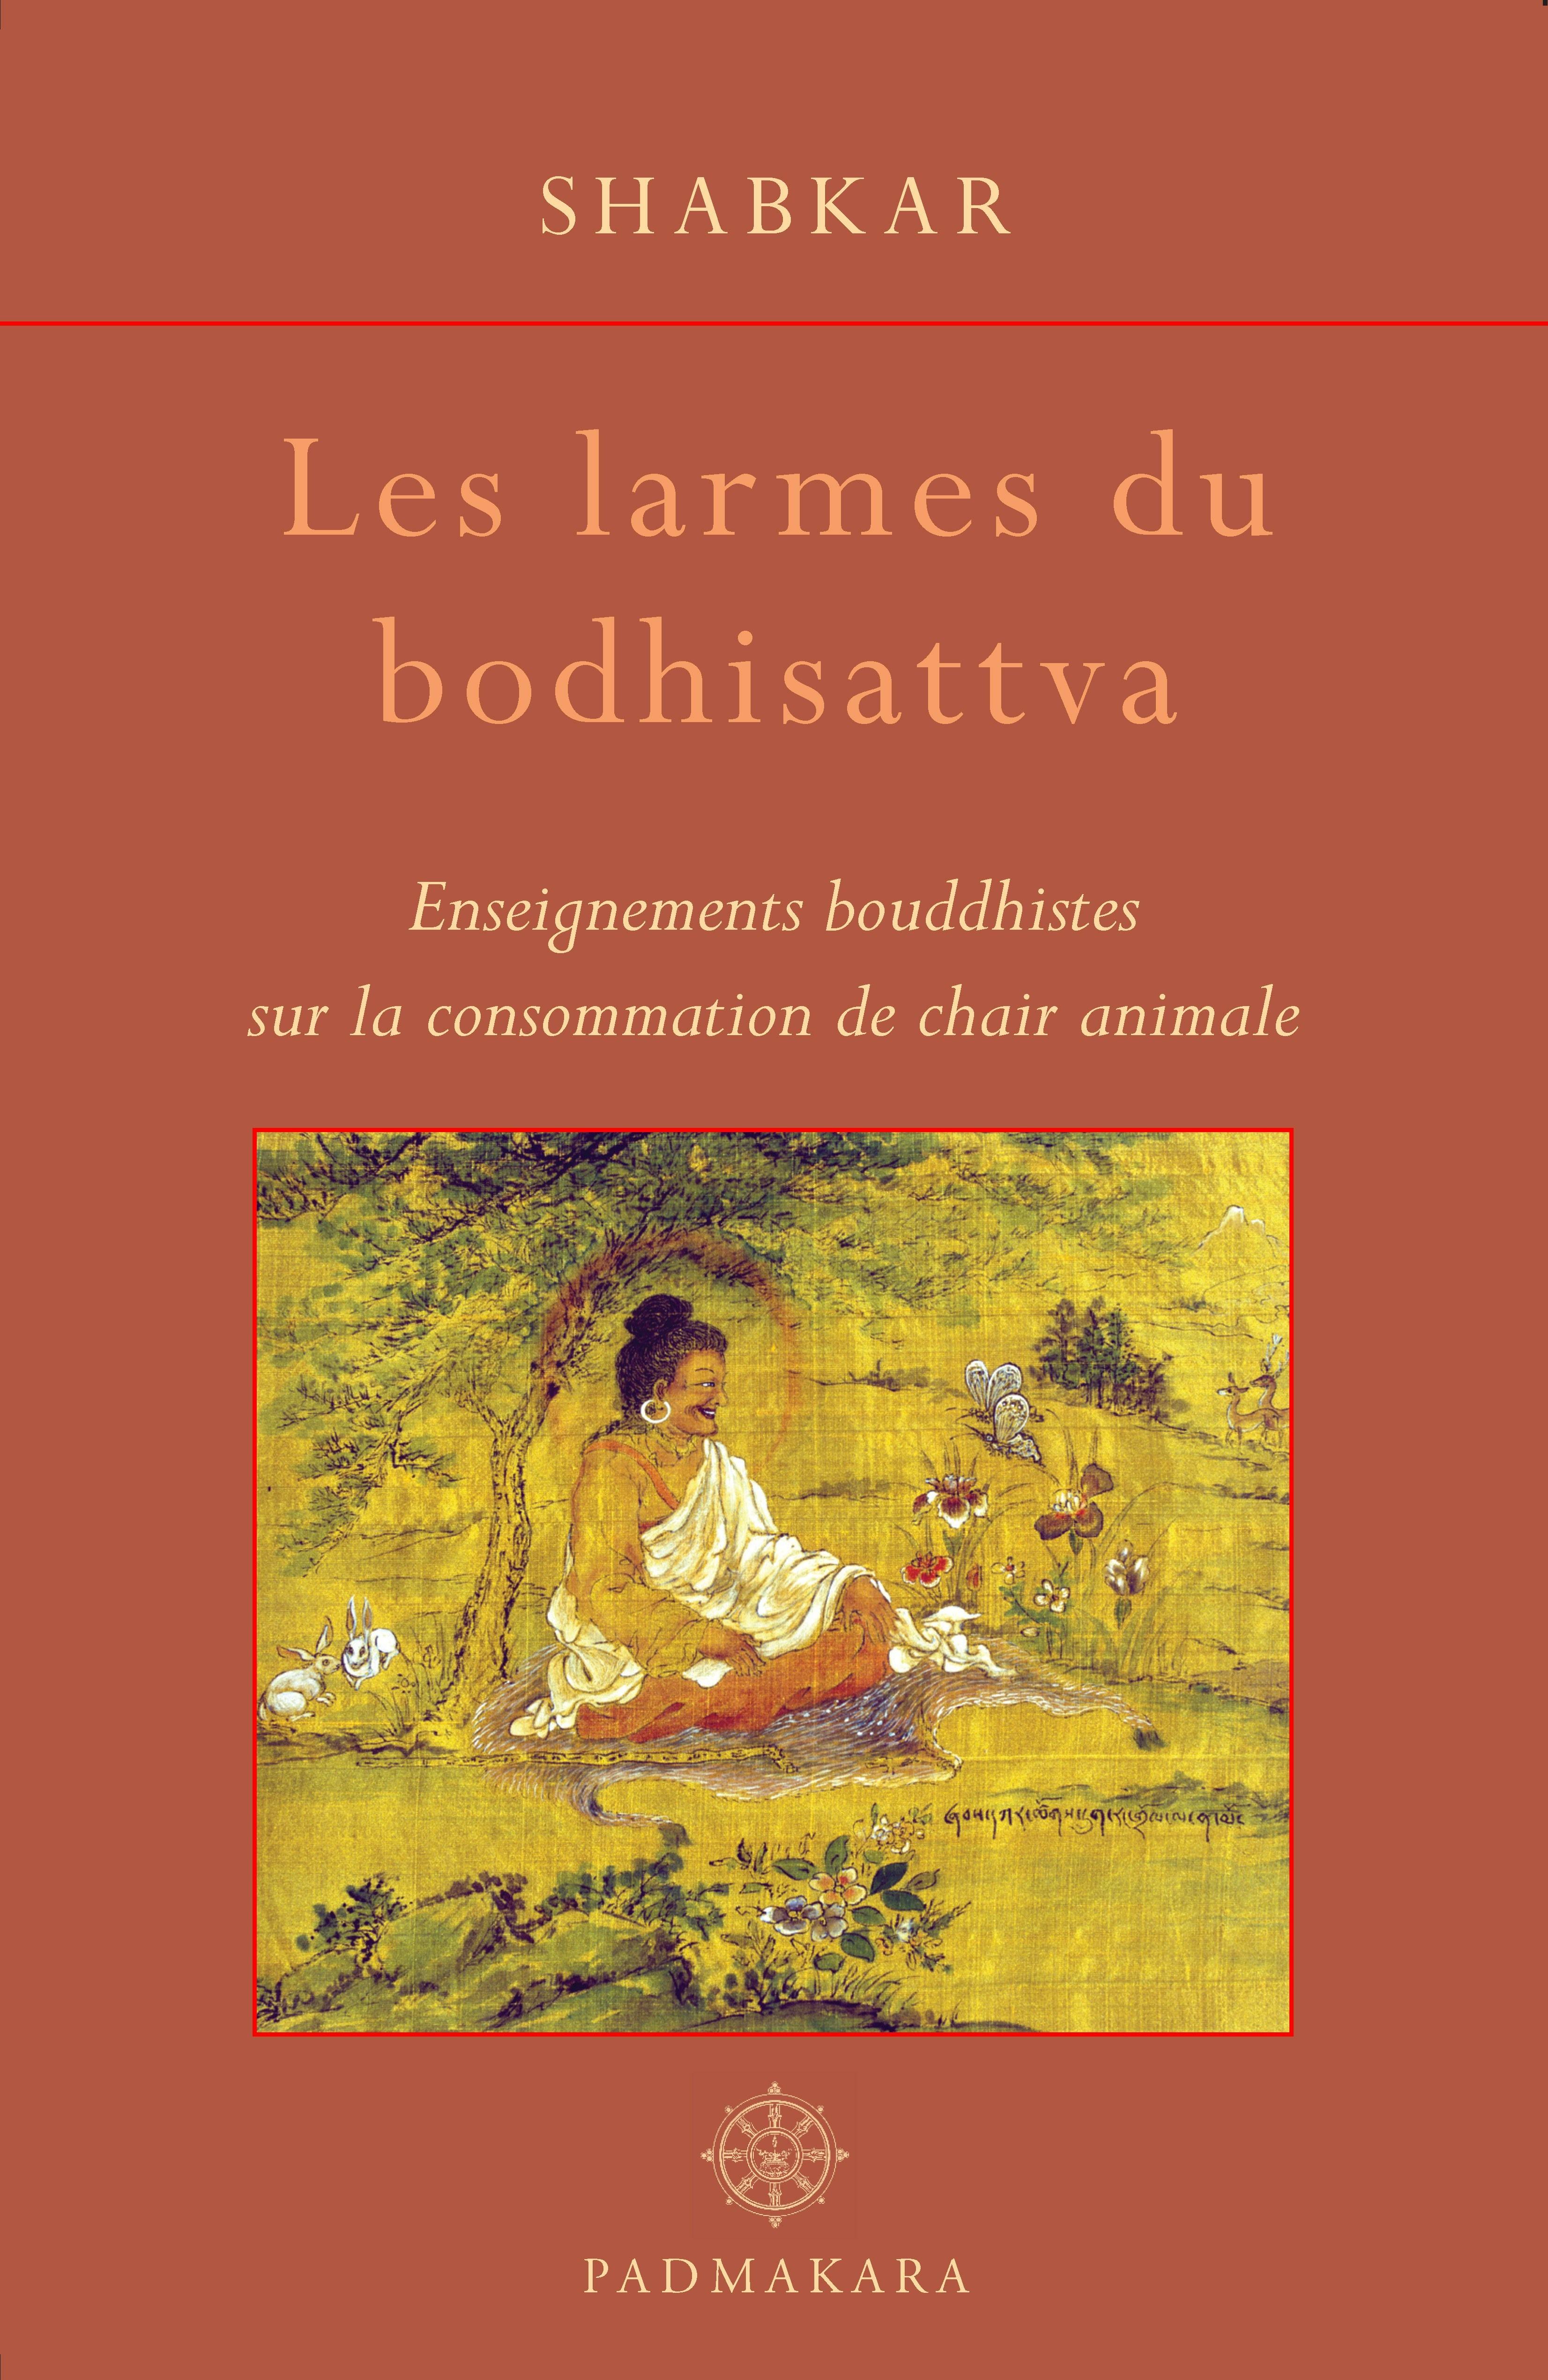 Les larmes du bodhisattva ; enseignements bouddhistes sur la consommation de chair animale